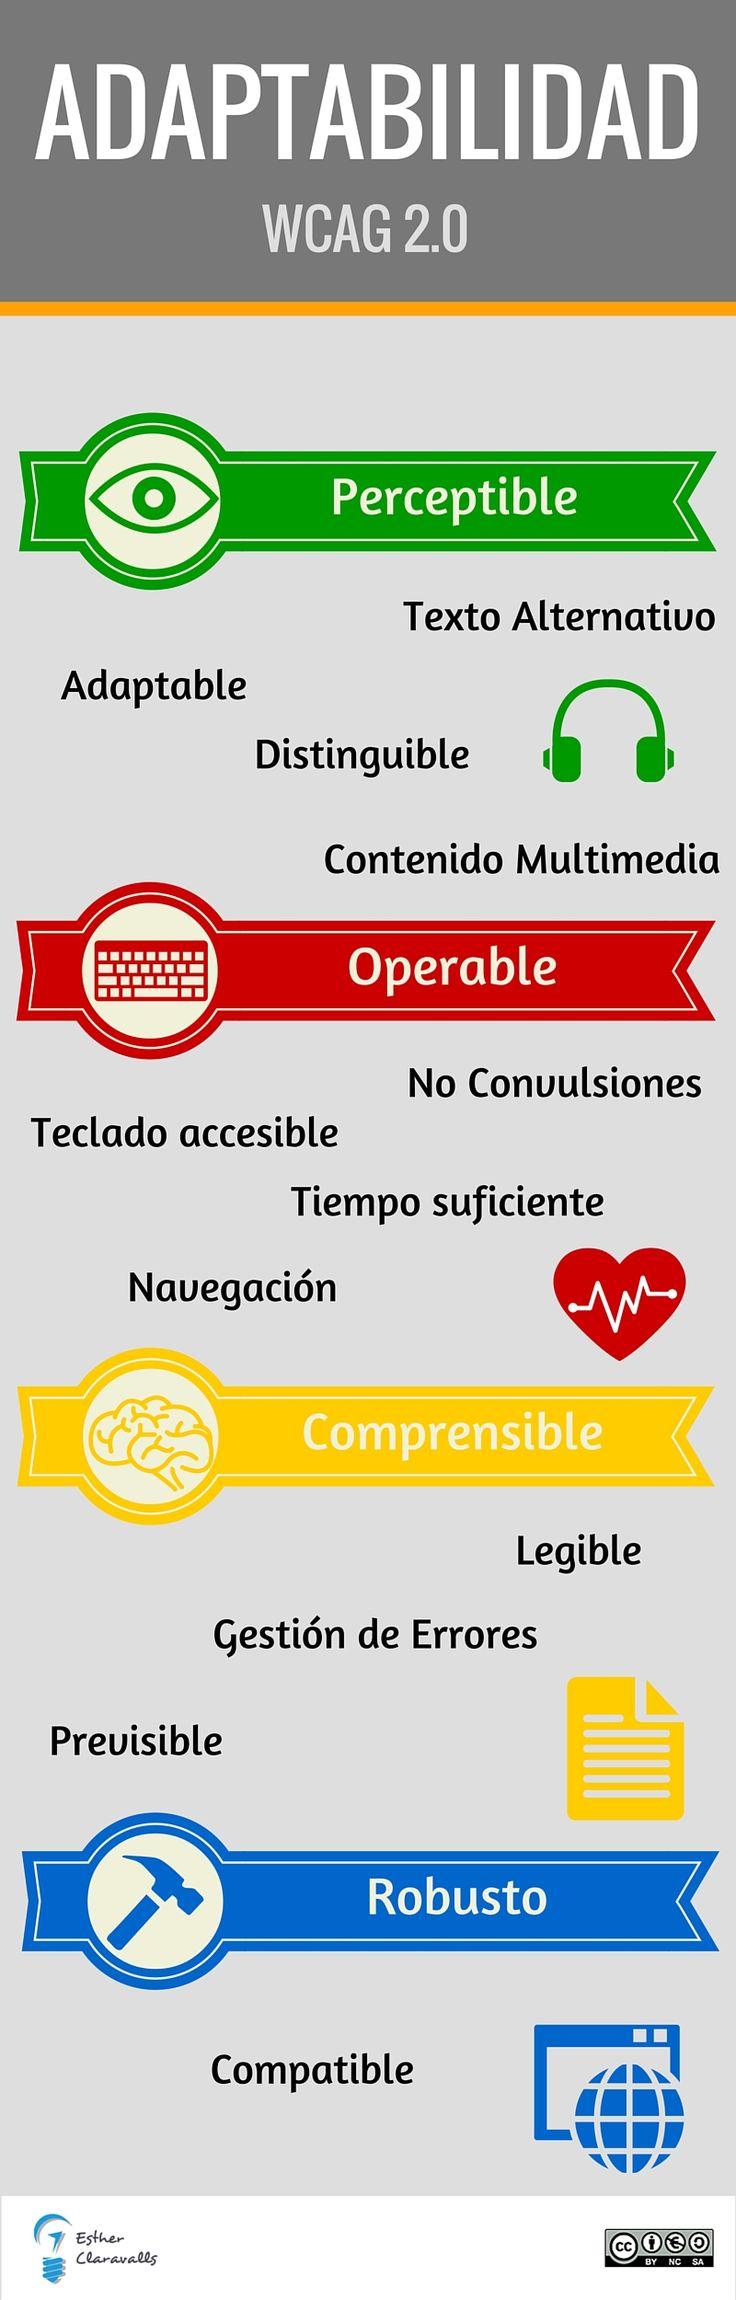 Principios y directrices de Adaptabilidad según WCAG 2.0